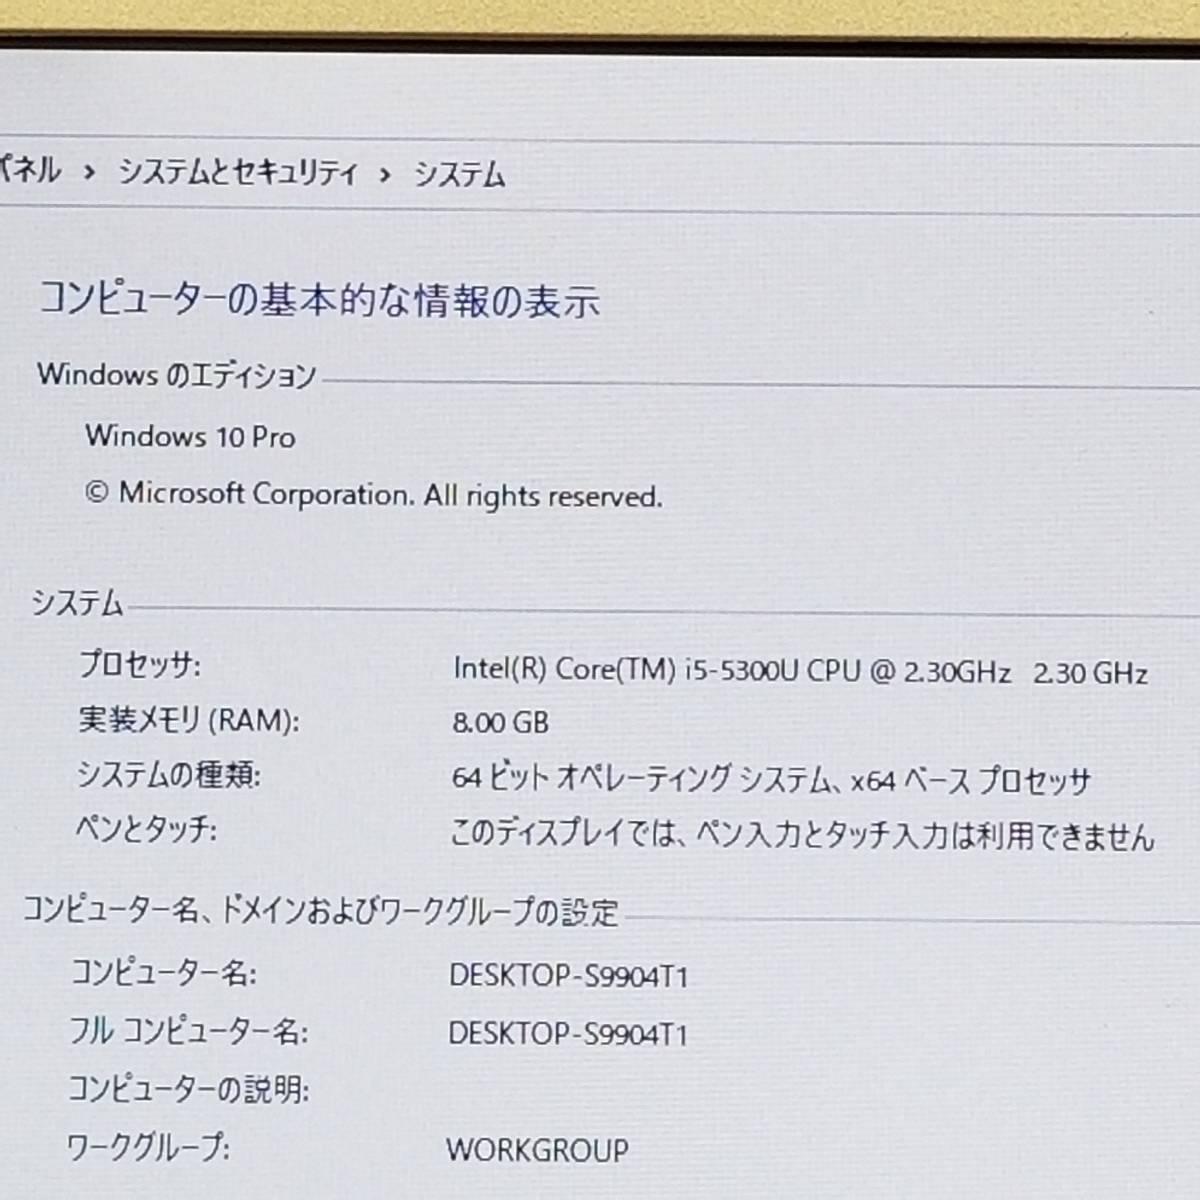 ★2015年モデル・美品★高性能第5世代i5(ターボ)搭載/HDD320GB/メモリ8GB/Wi-Fi/Webカメラ/最新Office搭載/Win10/Let'snote CF-NX4(C7010)_★高性能第5世代i5(ターボブースト搭載)★